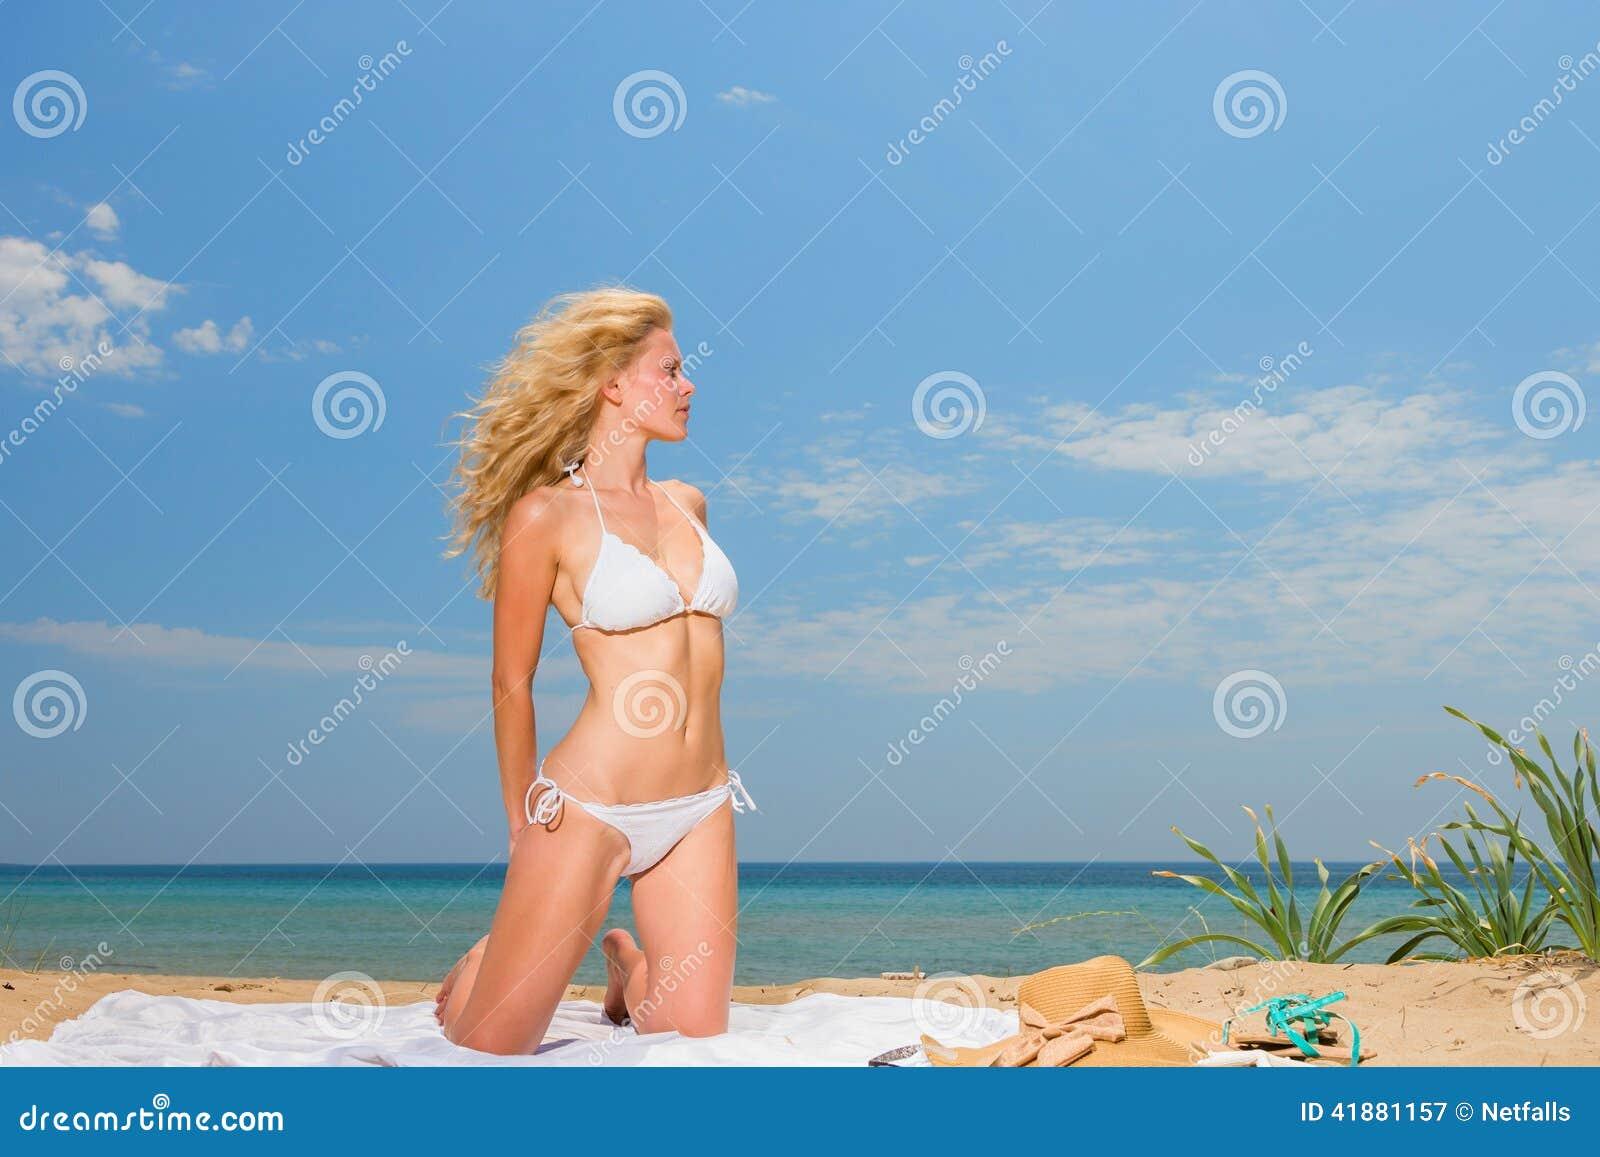 海滩丰满荡妇完整版_拿着在海滩的白色比基尼泳装的少妇布裙